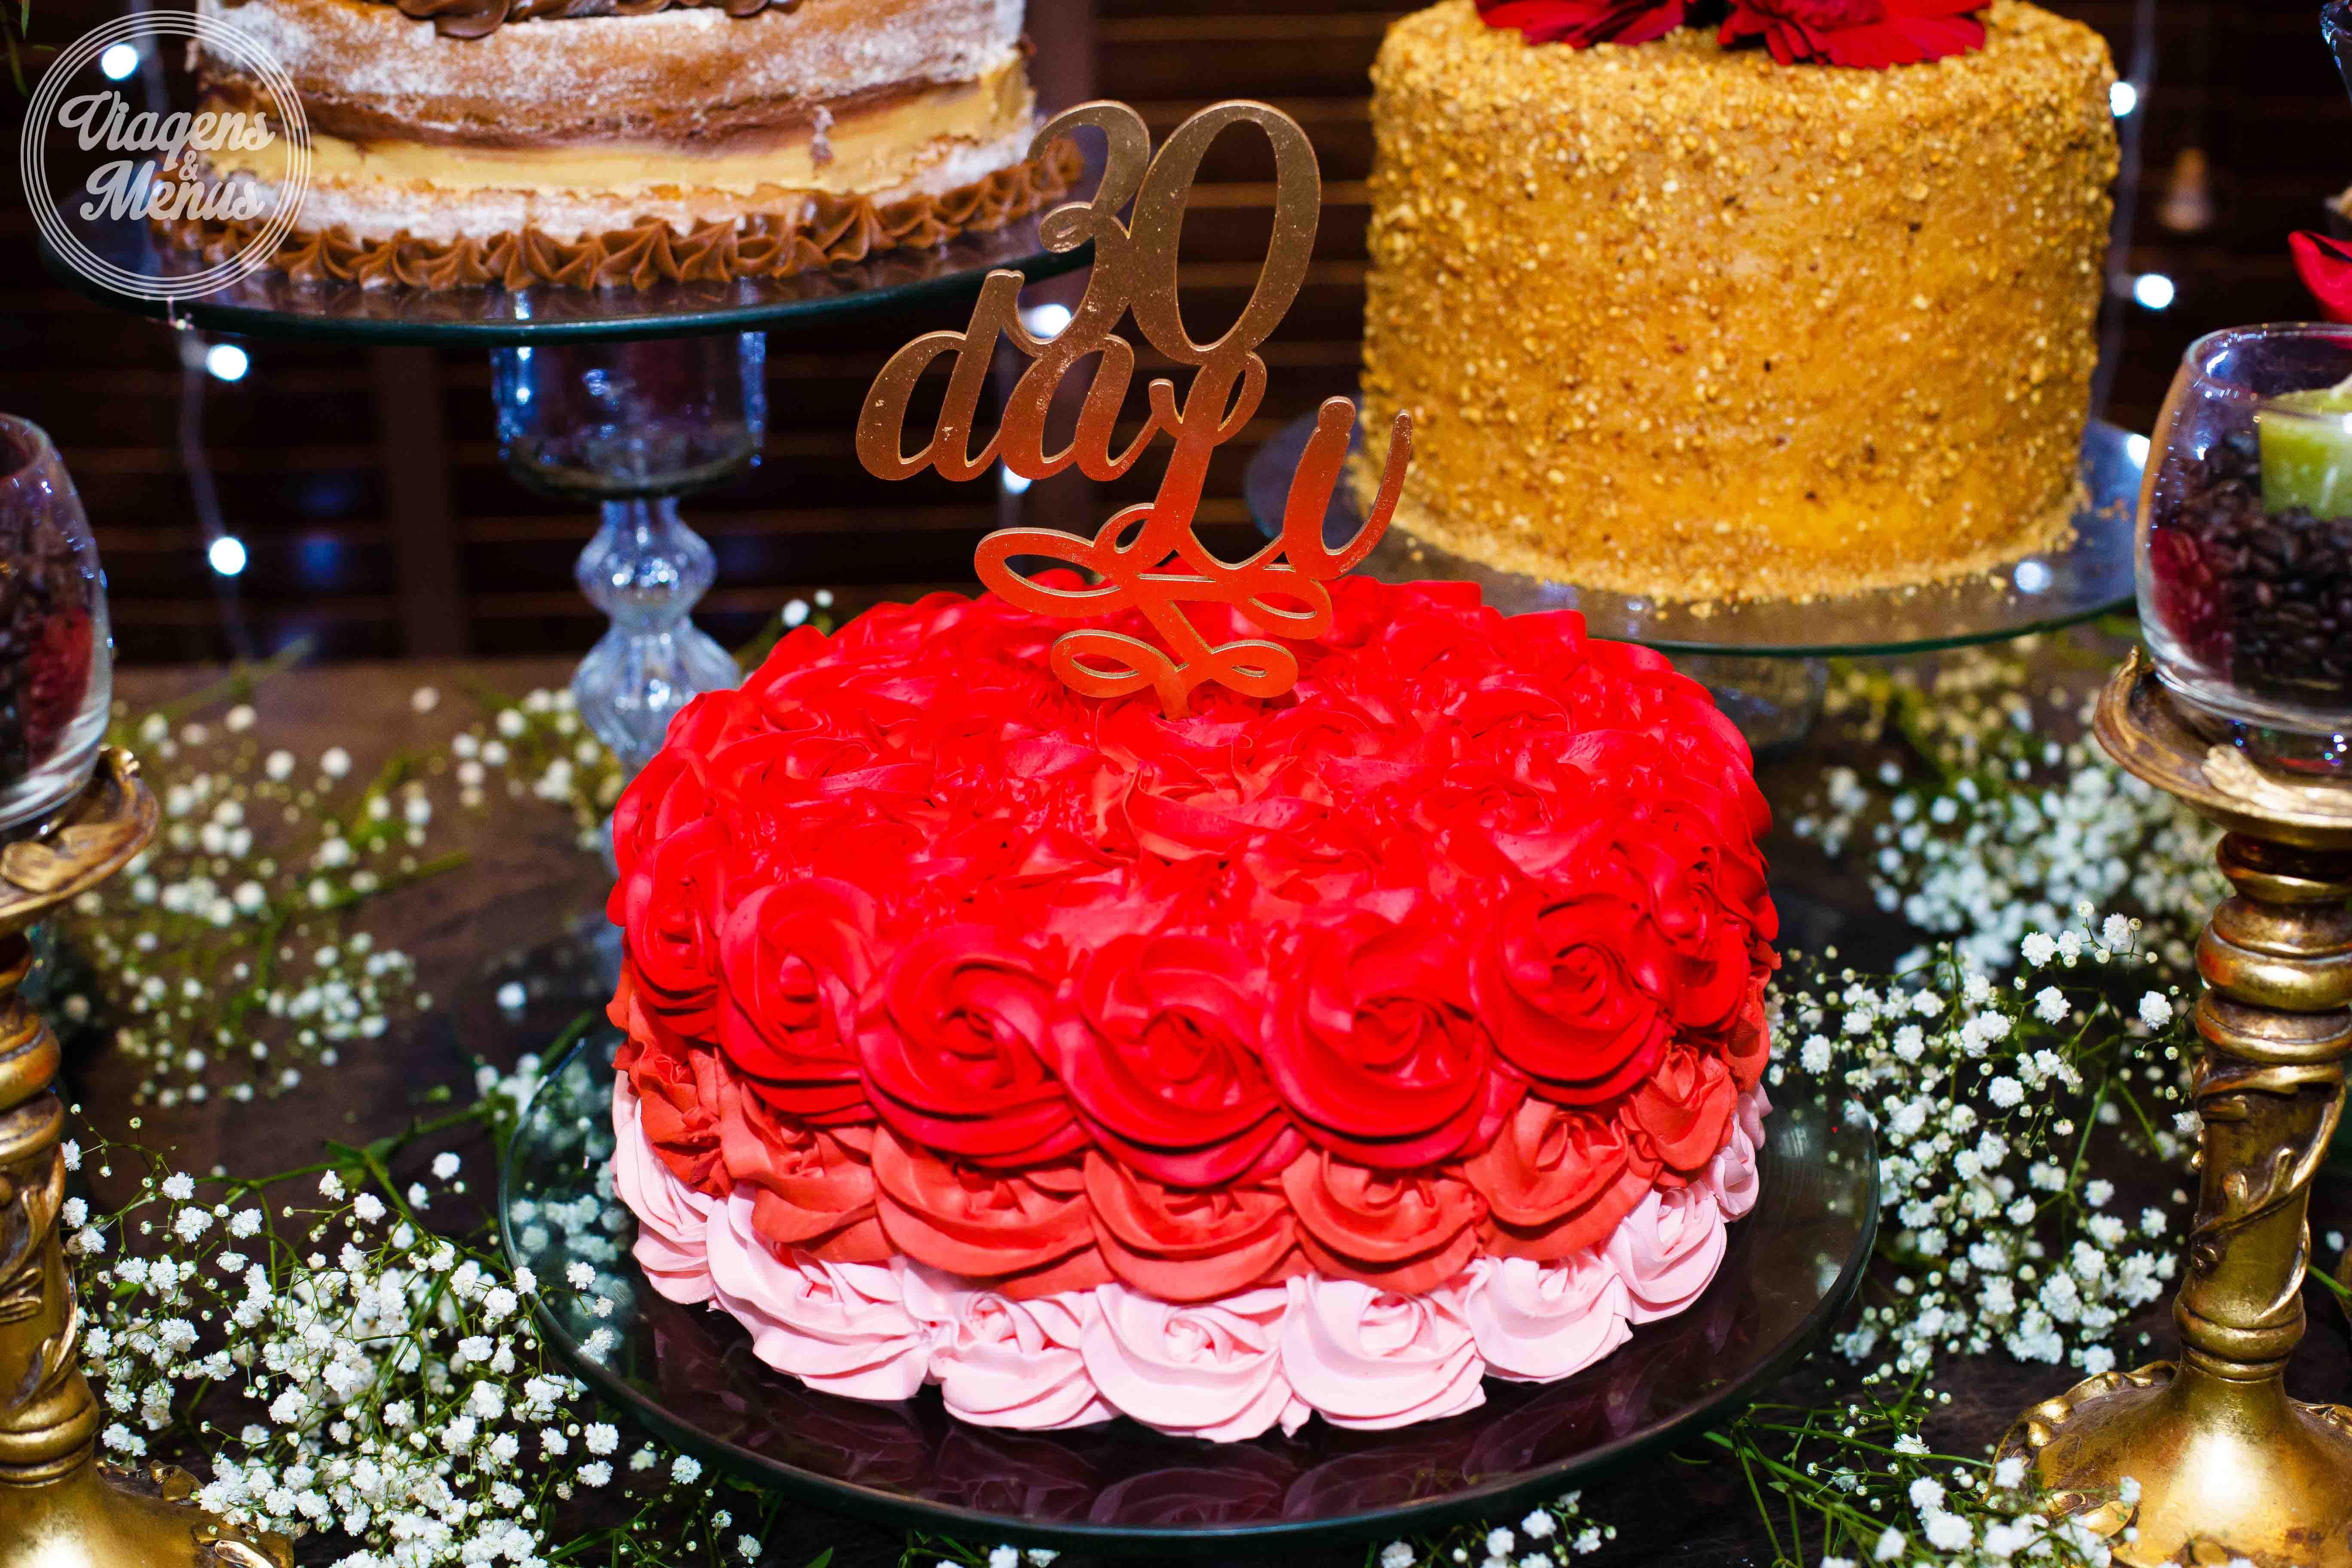 Trintei festa de 30 anos para inspirar 30 anos 20 o bolo da coccinella doces finos foi um ombr vermelho lindo sofisticado e deixou a mesa um luxo s a massa era branca com recheios de altavistaventures Gallery